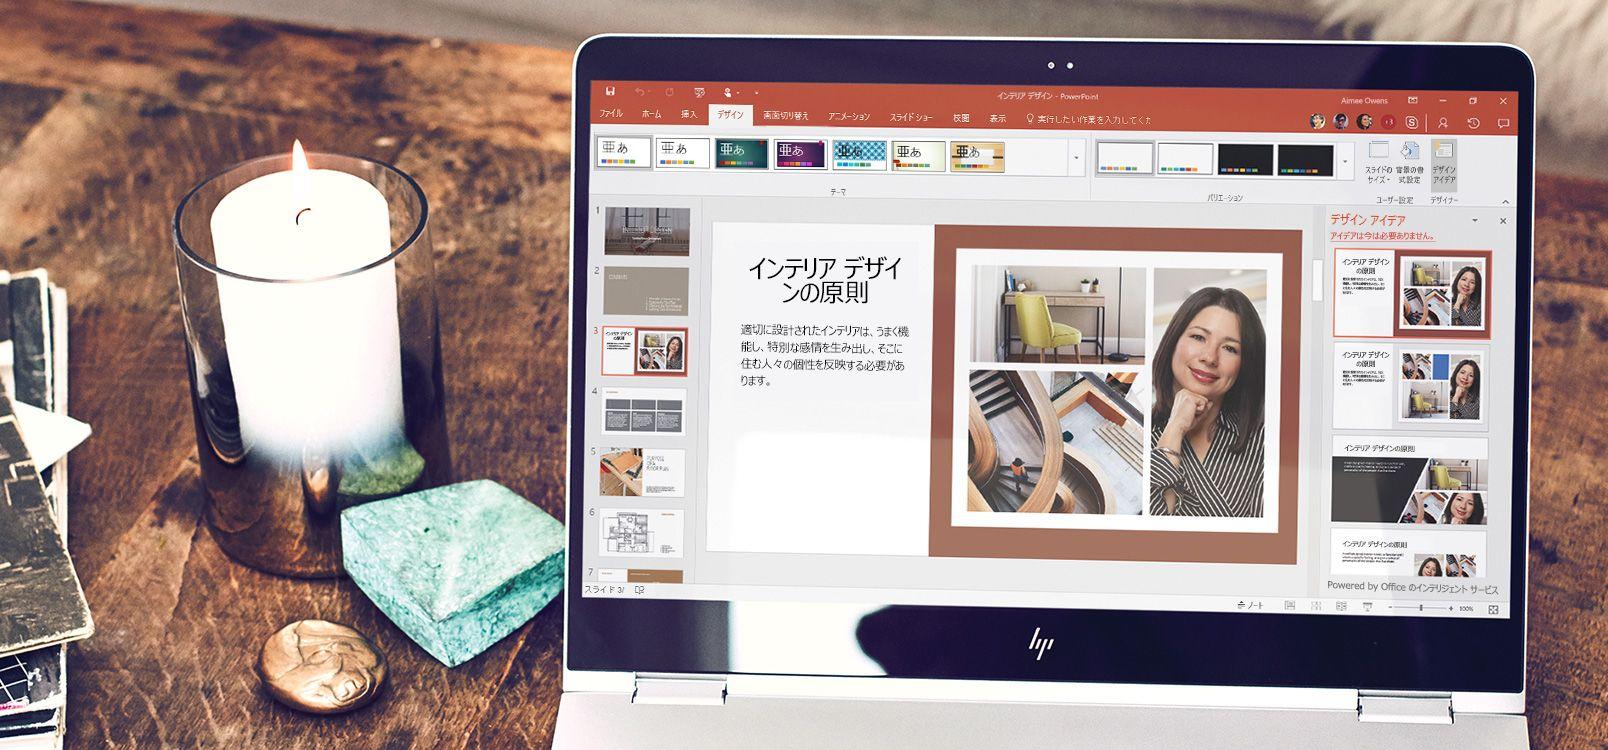 ノートWindows  PC の画面に PowerPoint のドキュメントが表示されており、PowerPoint デザイナー機能を使用中です